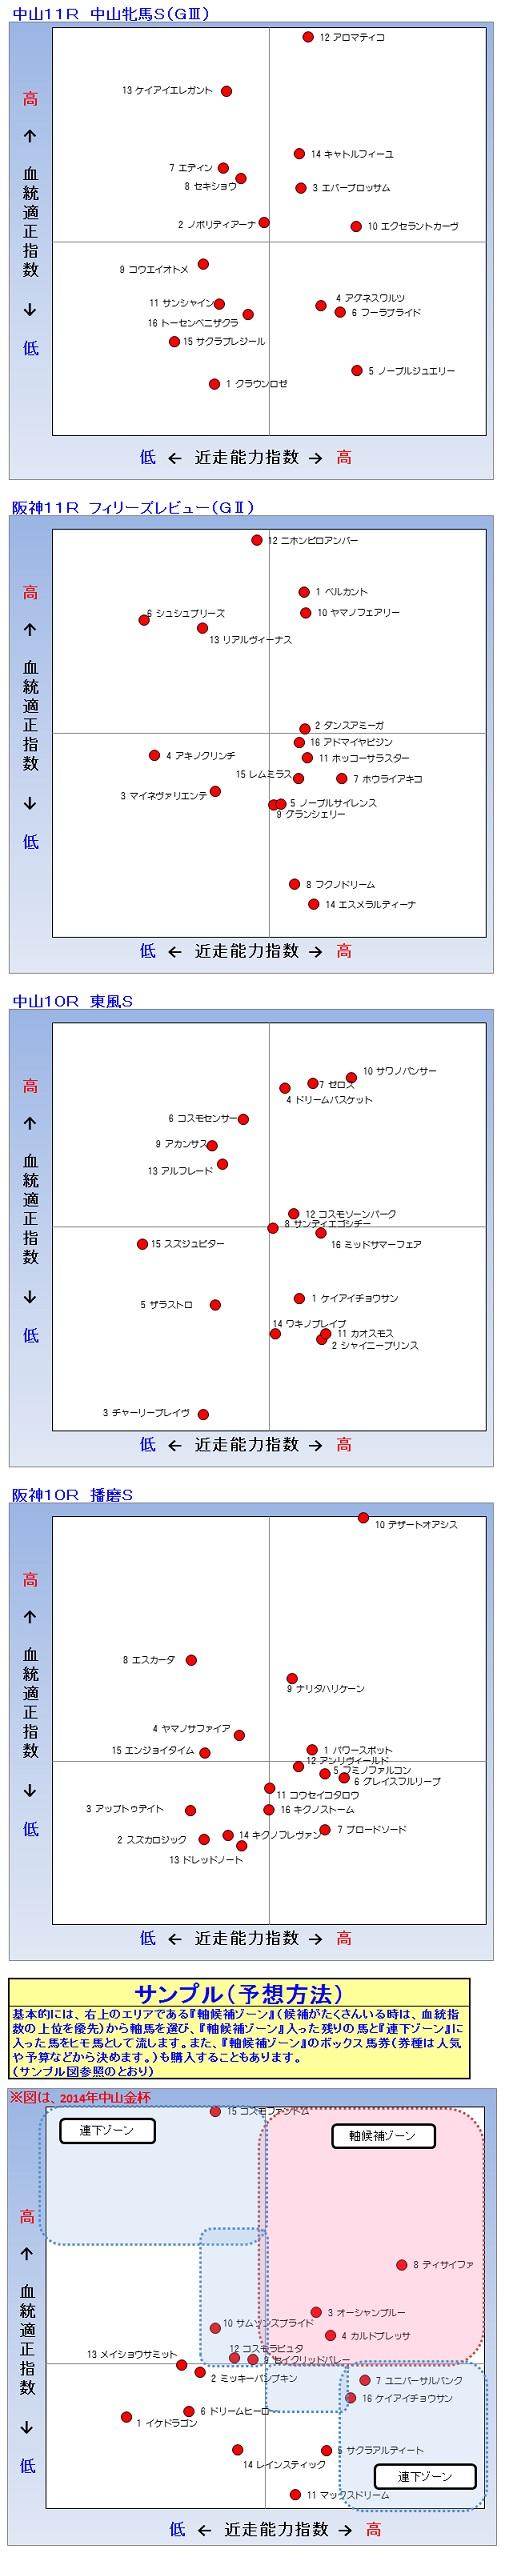 2014-03-16予想1